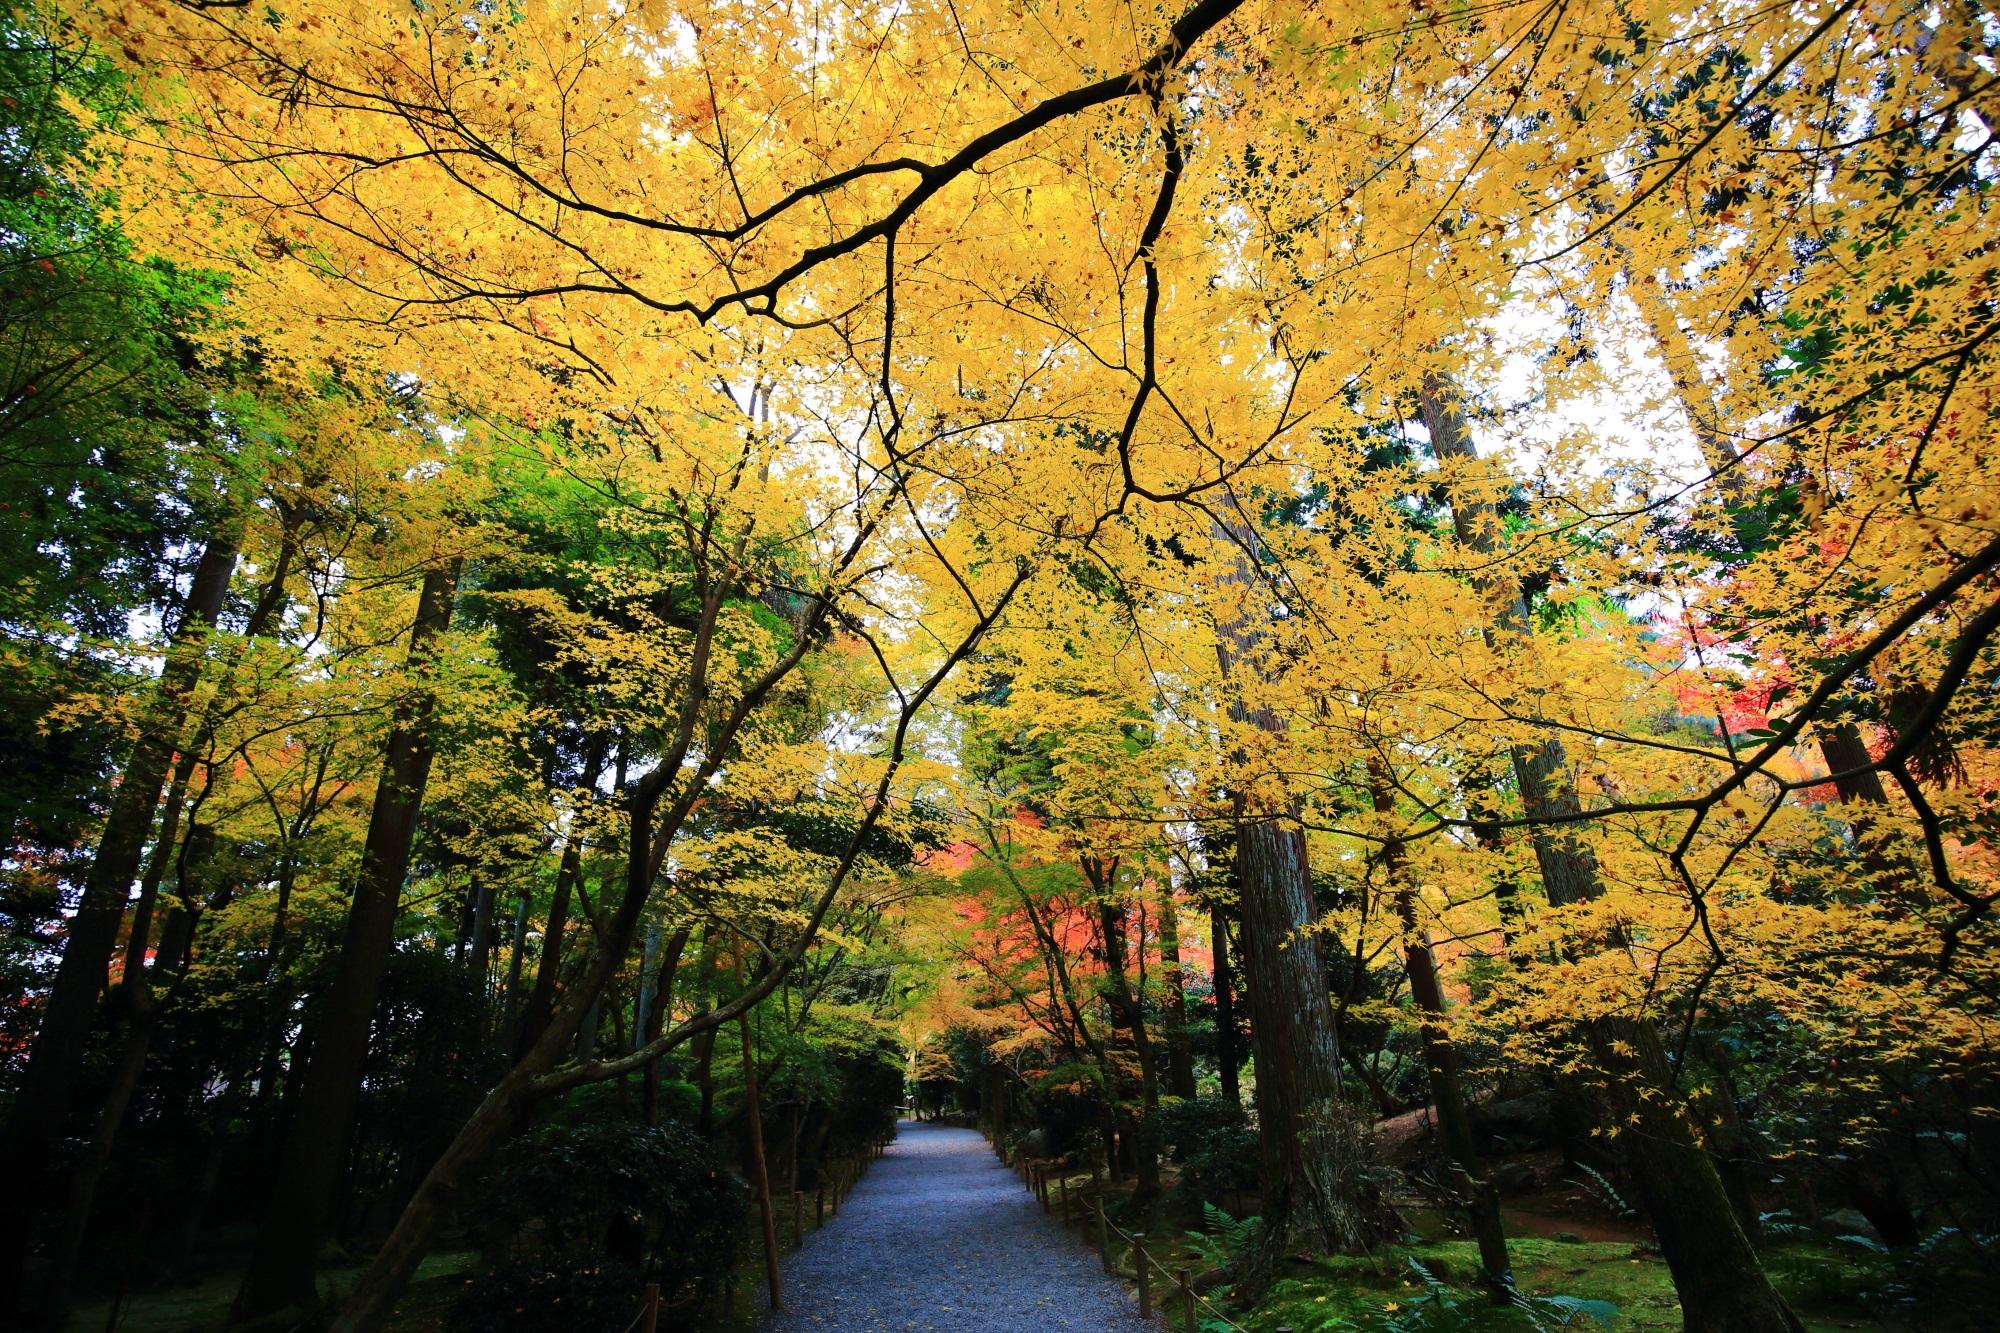 龍安寺の参道の綺麗な黄色の紅葉